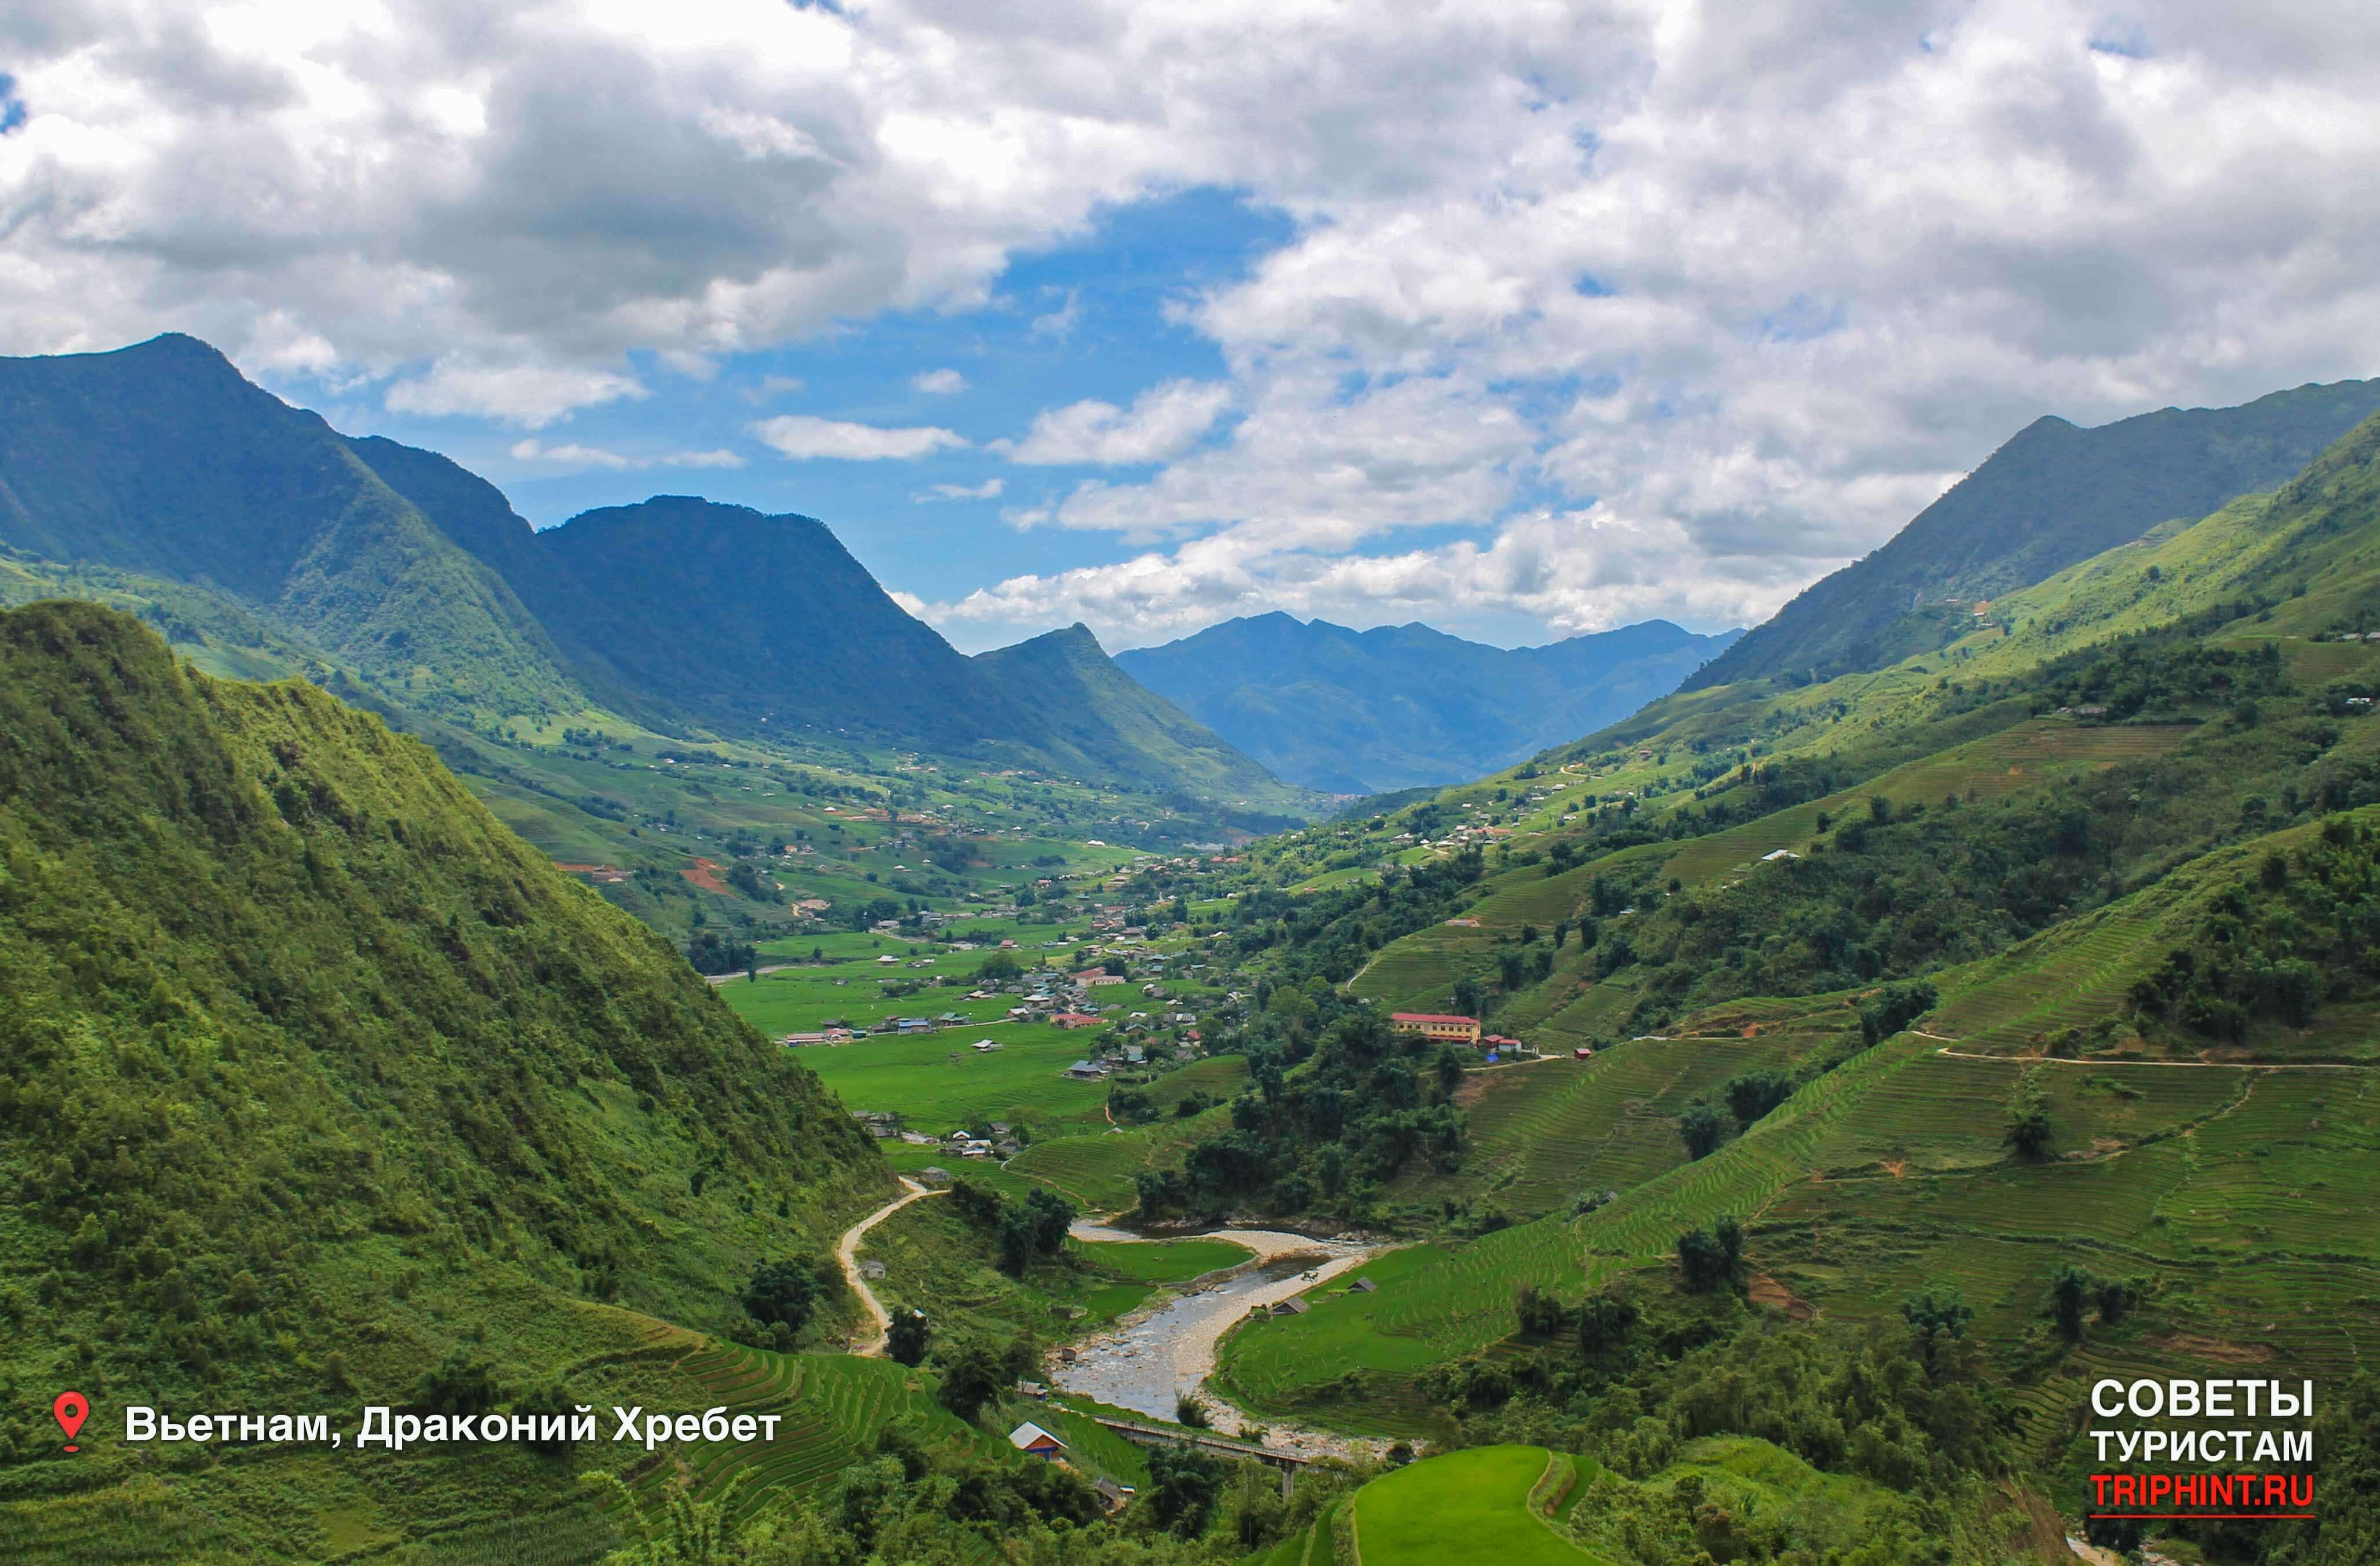 Отдых во Вьетнаме в декабре - Рисовые горы Лунцзи (Драконий Хребет)